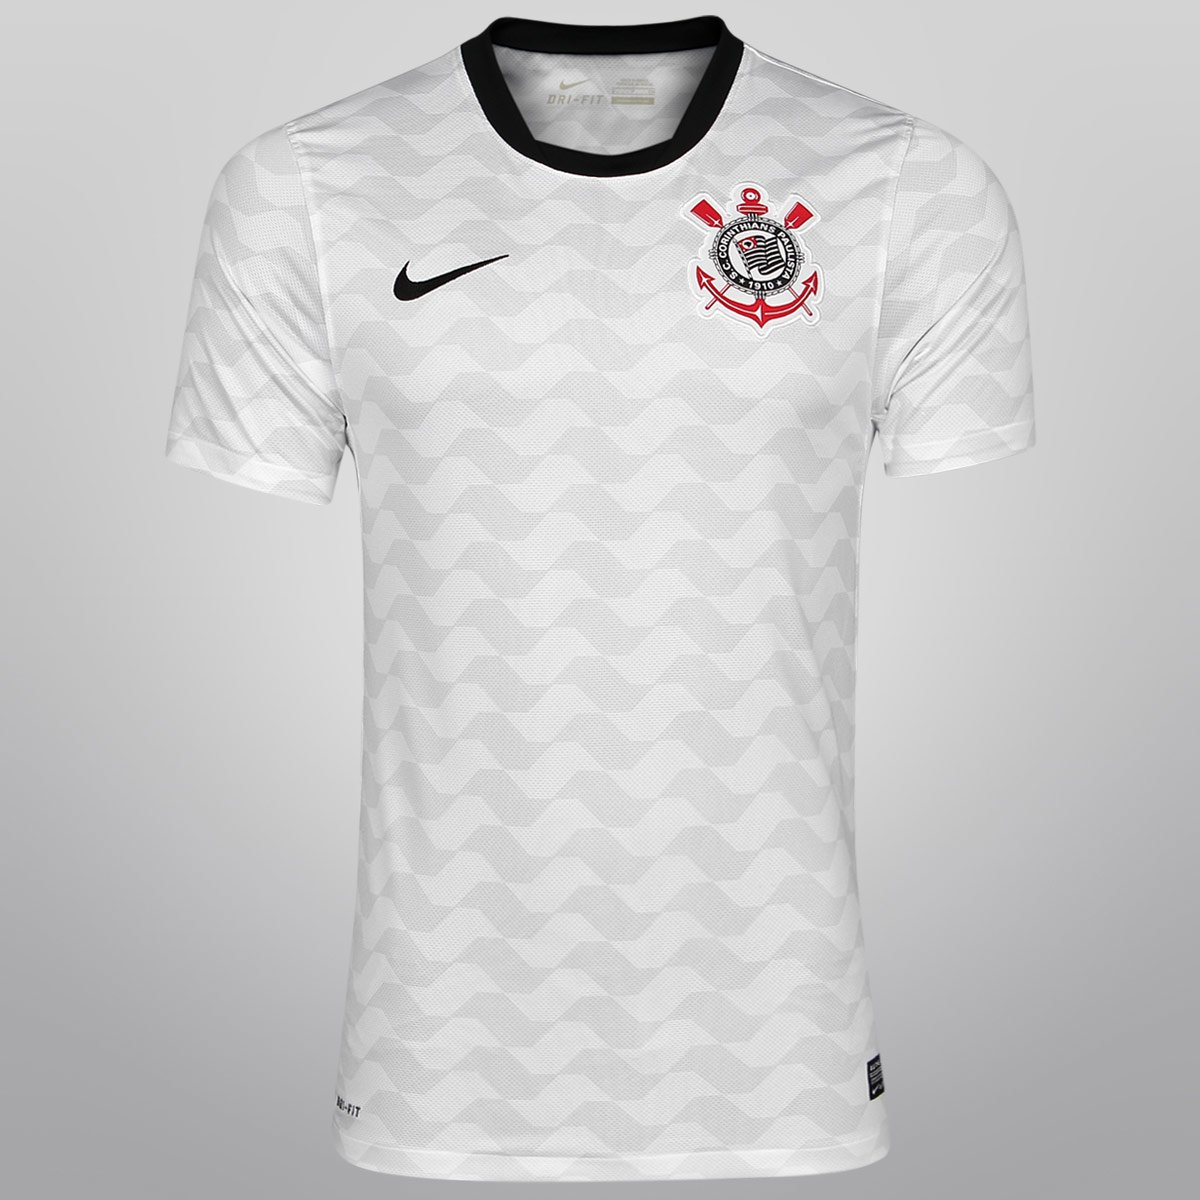 Camisa Nike Corinthians I 12 13 s nº - Torcedor - Compre Agora ... 48179a193e4